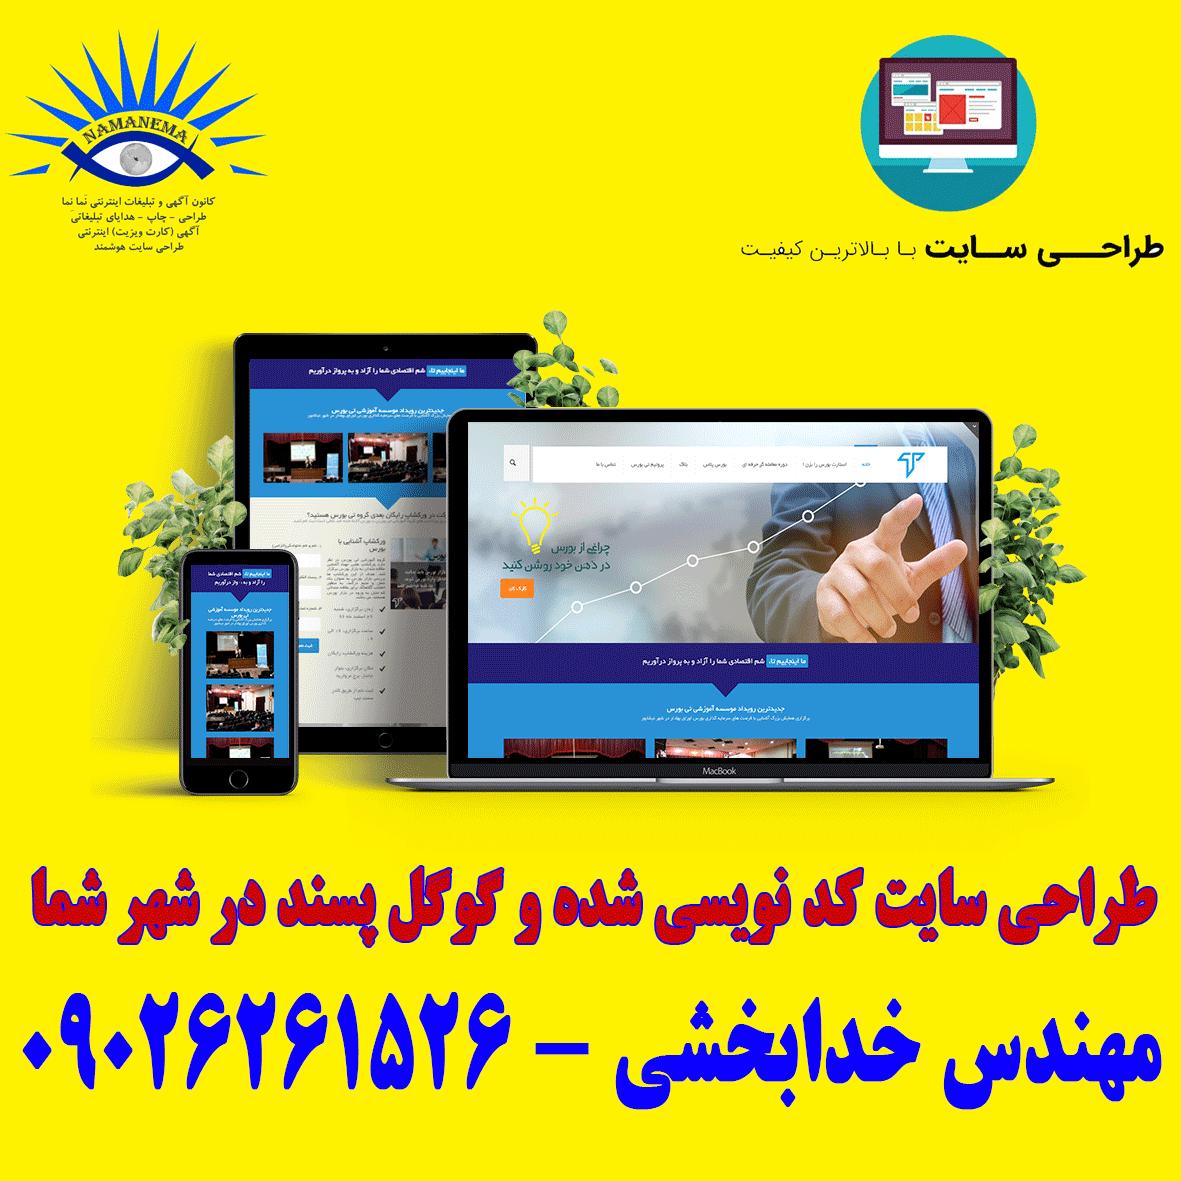 طراحی سایت رایگان در کرمان